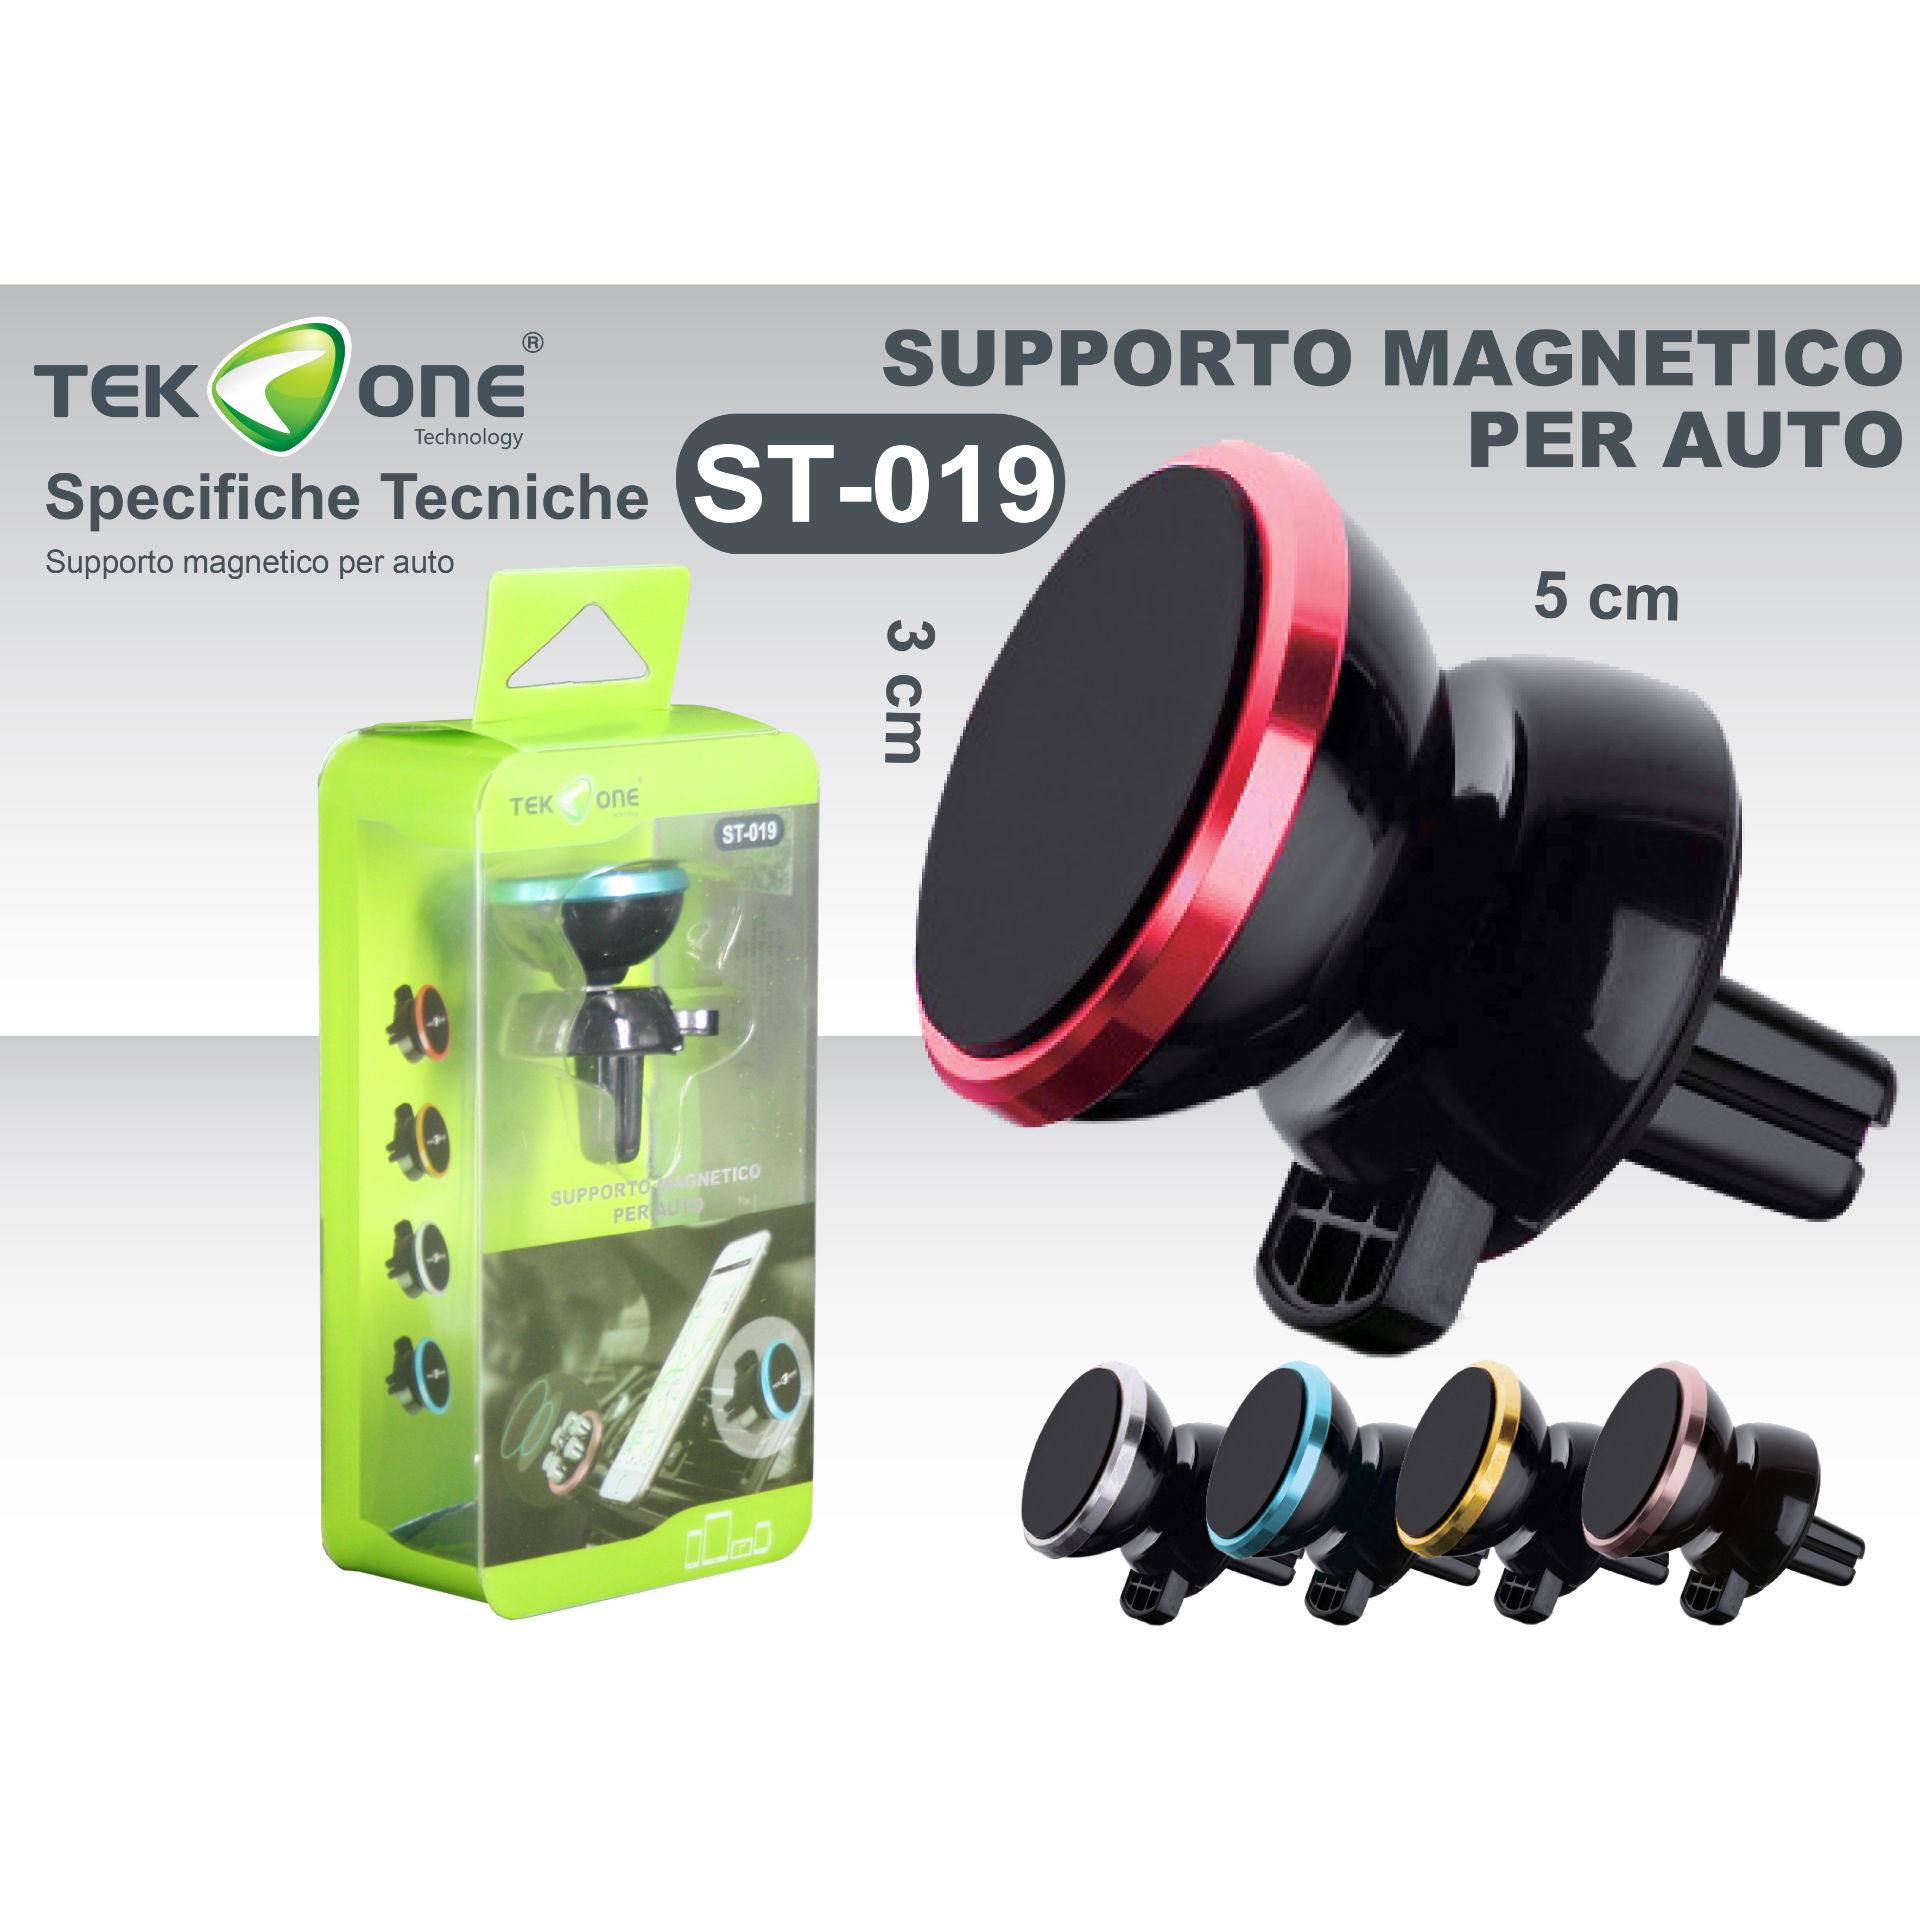 SUPPORTO MAGNETICO PER AUTO ST019Tekone